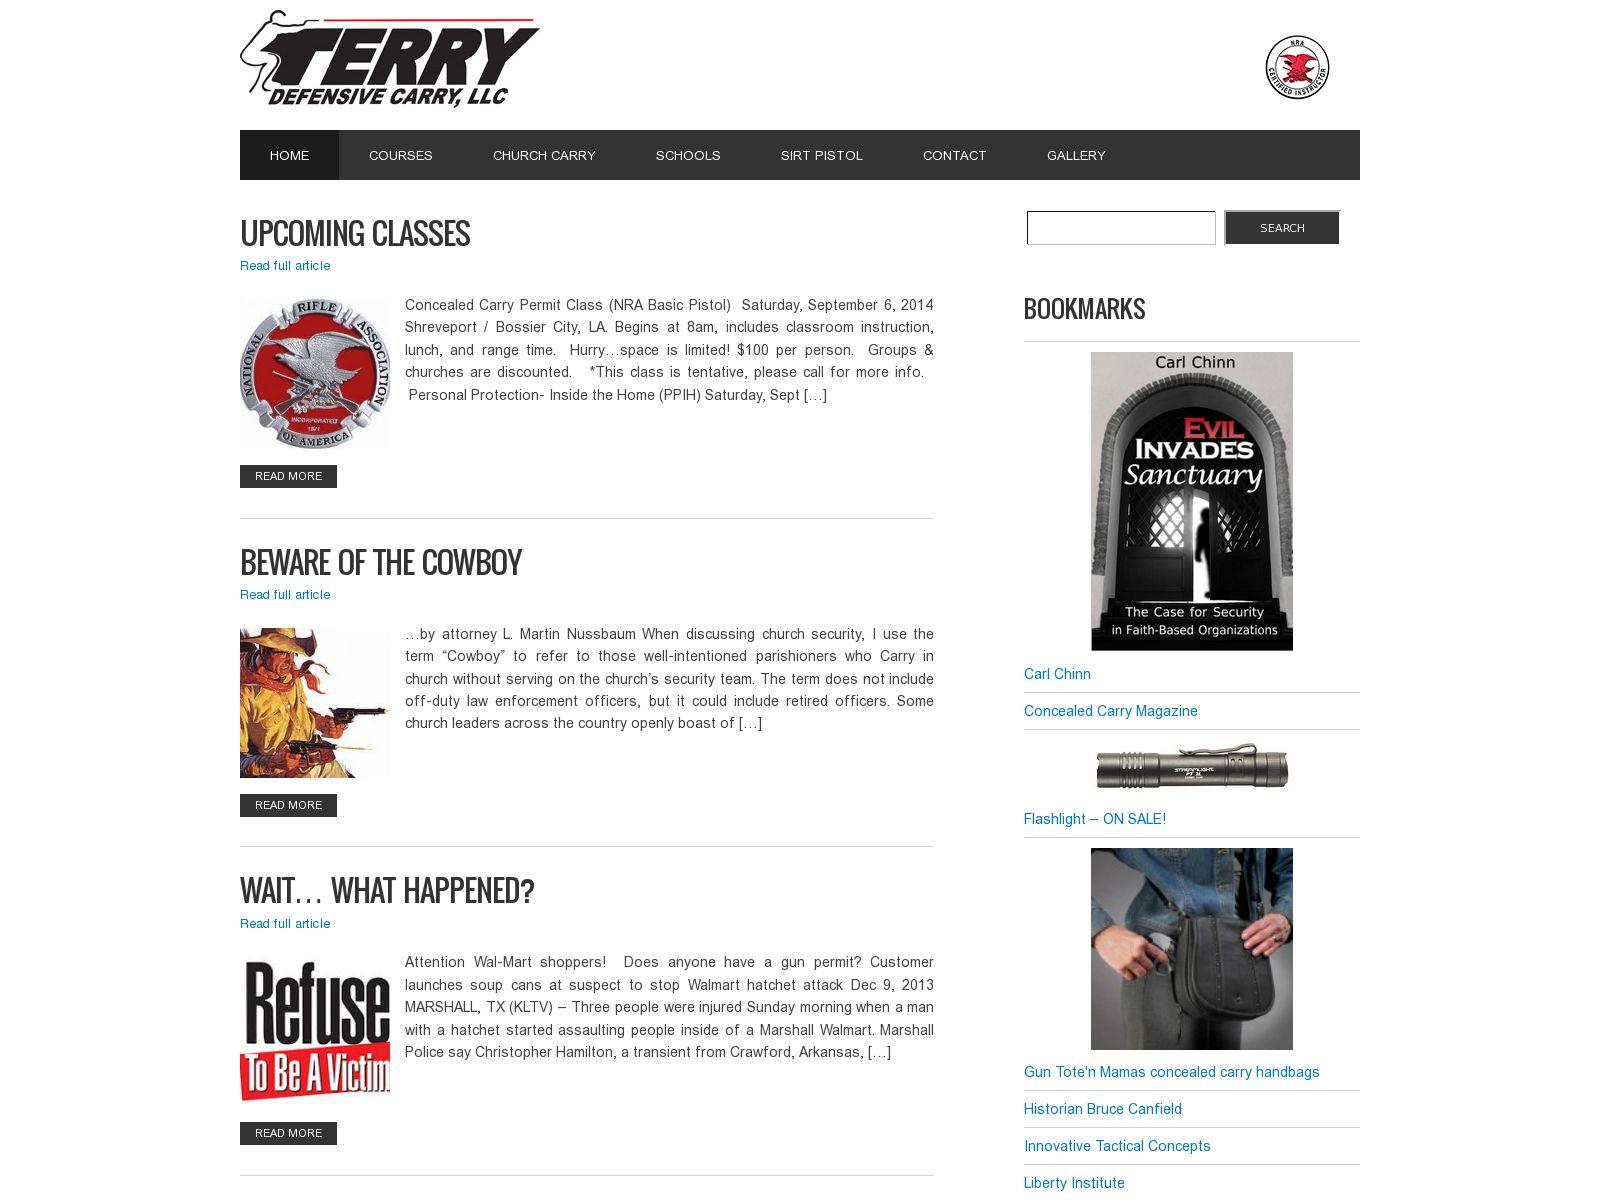 terrycarry_com